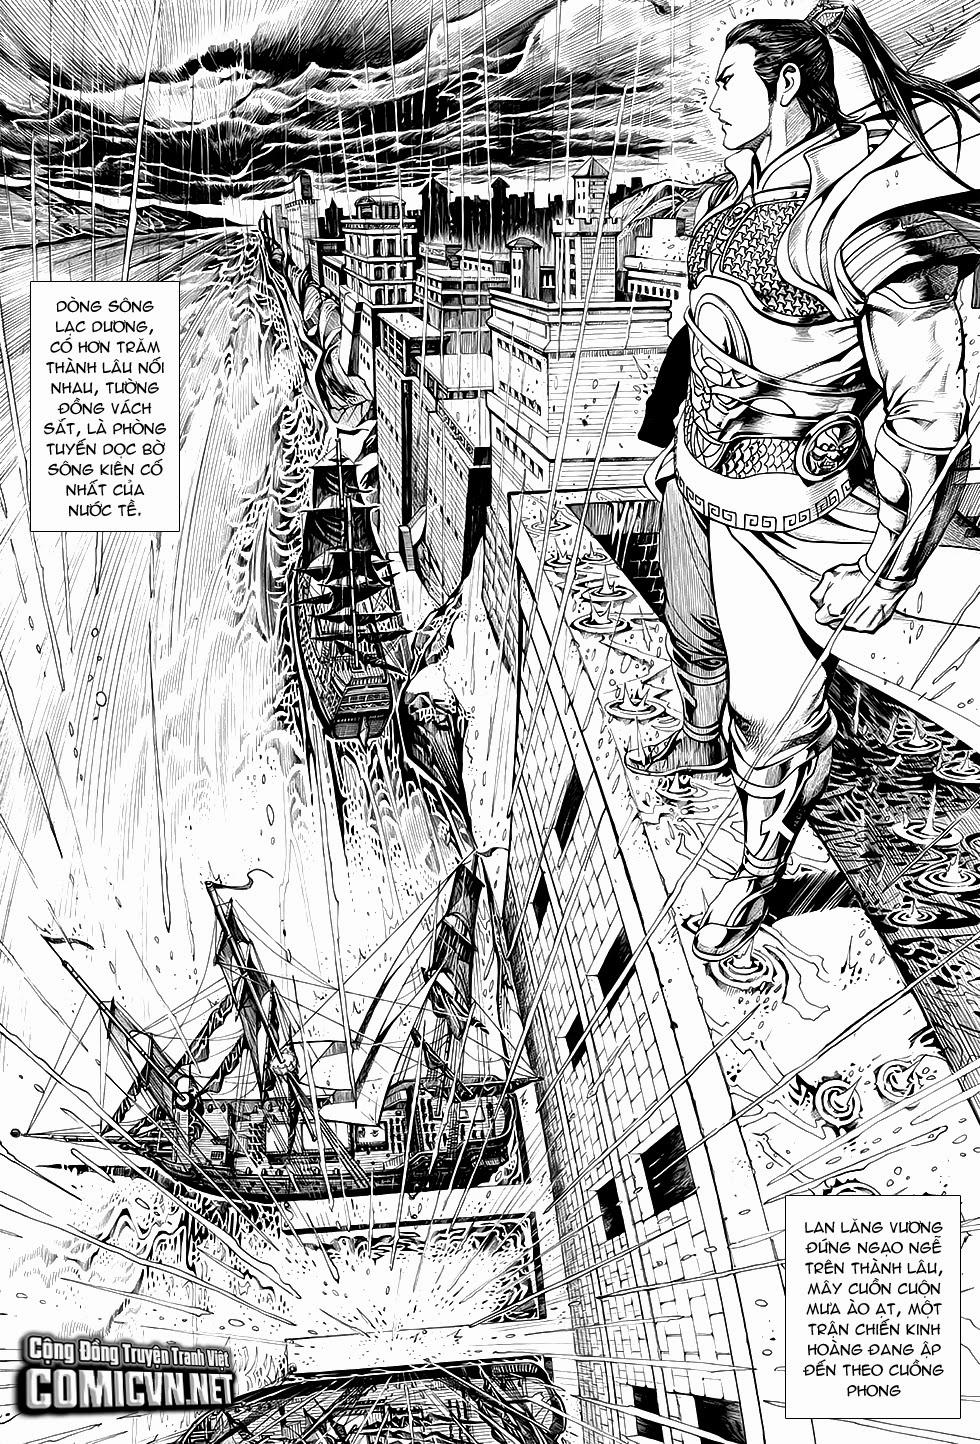 Chiến Phổ chapter 1: chiến thần lan lăng vương trang 12